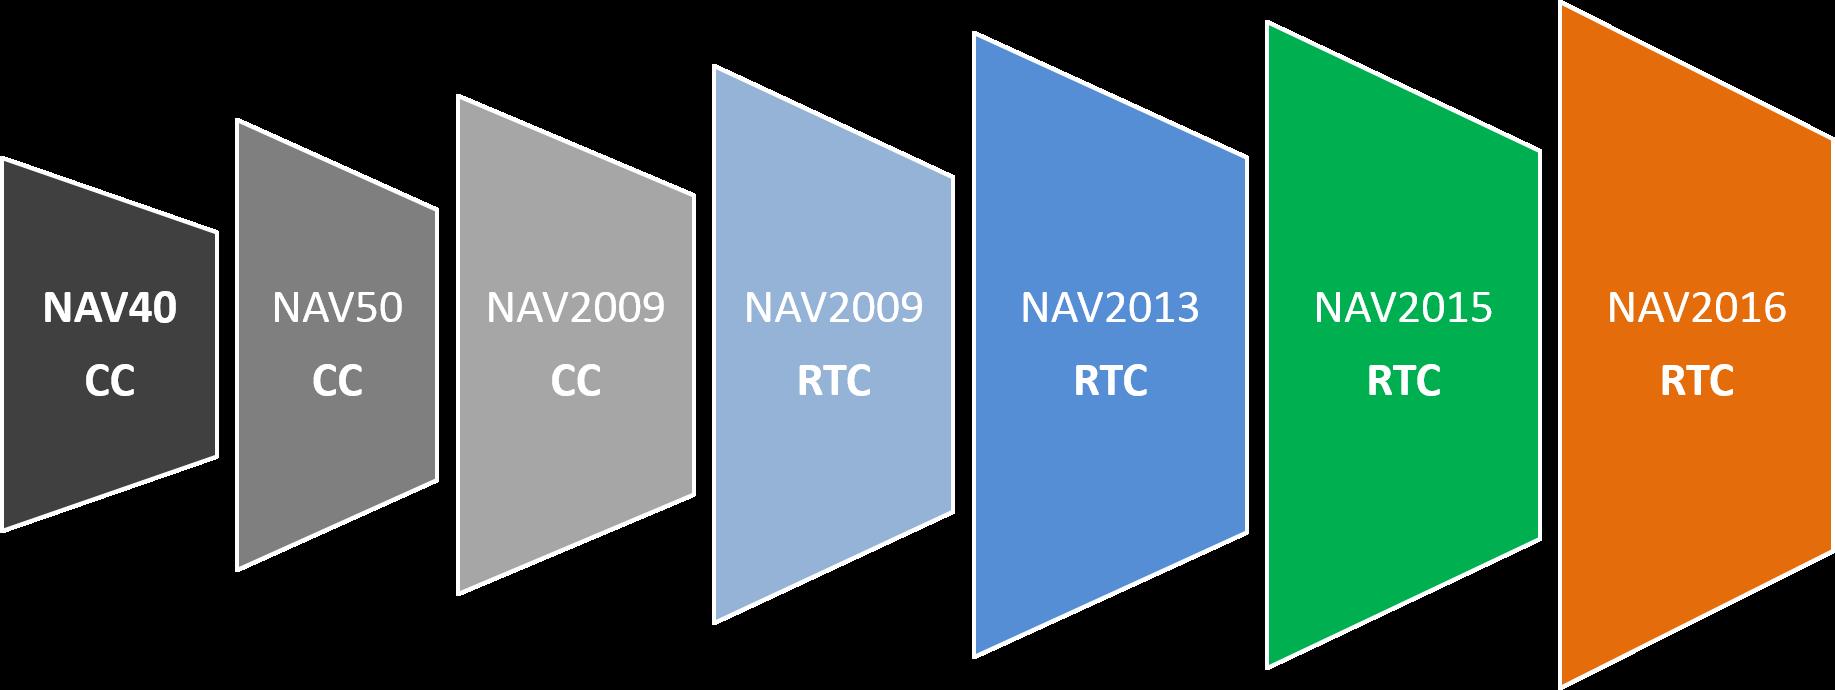 NAV_ontwikkeling.png